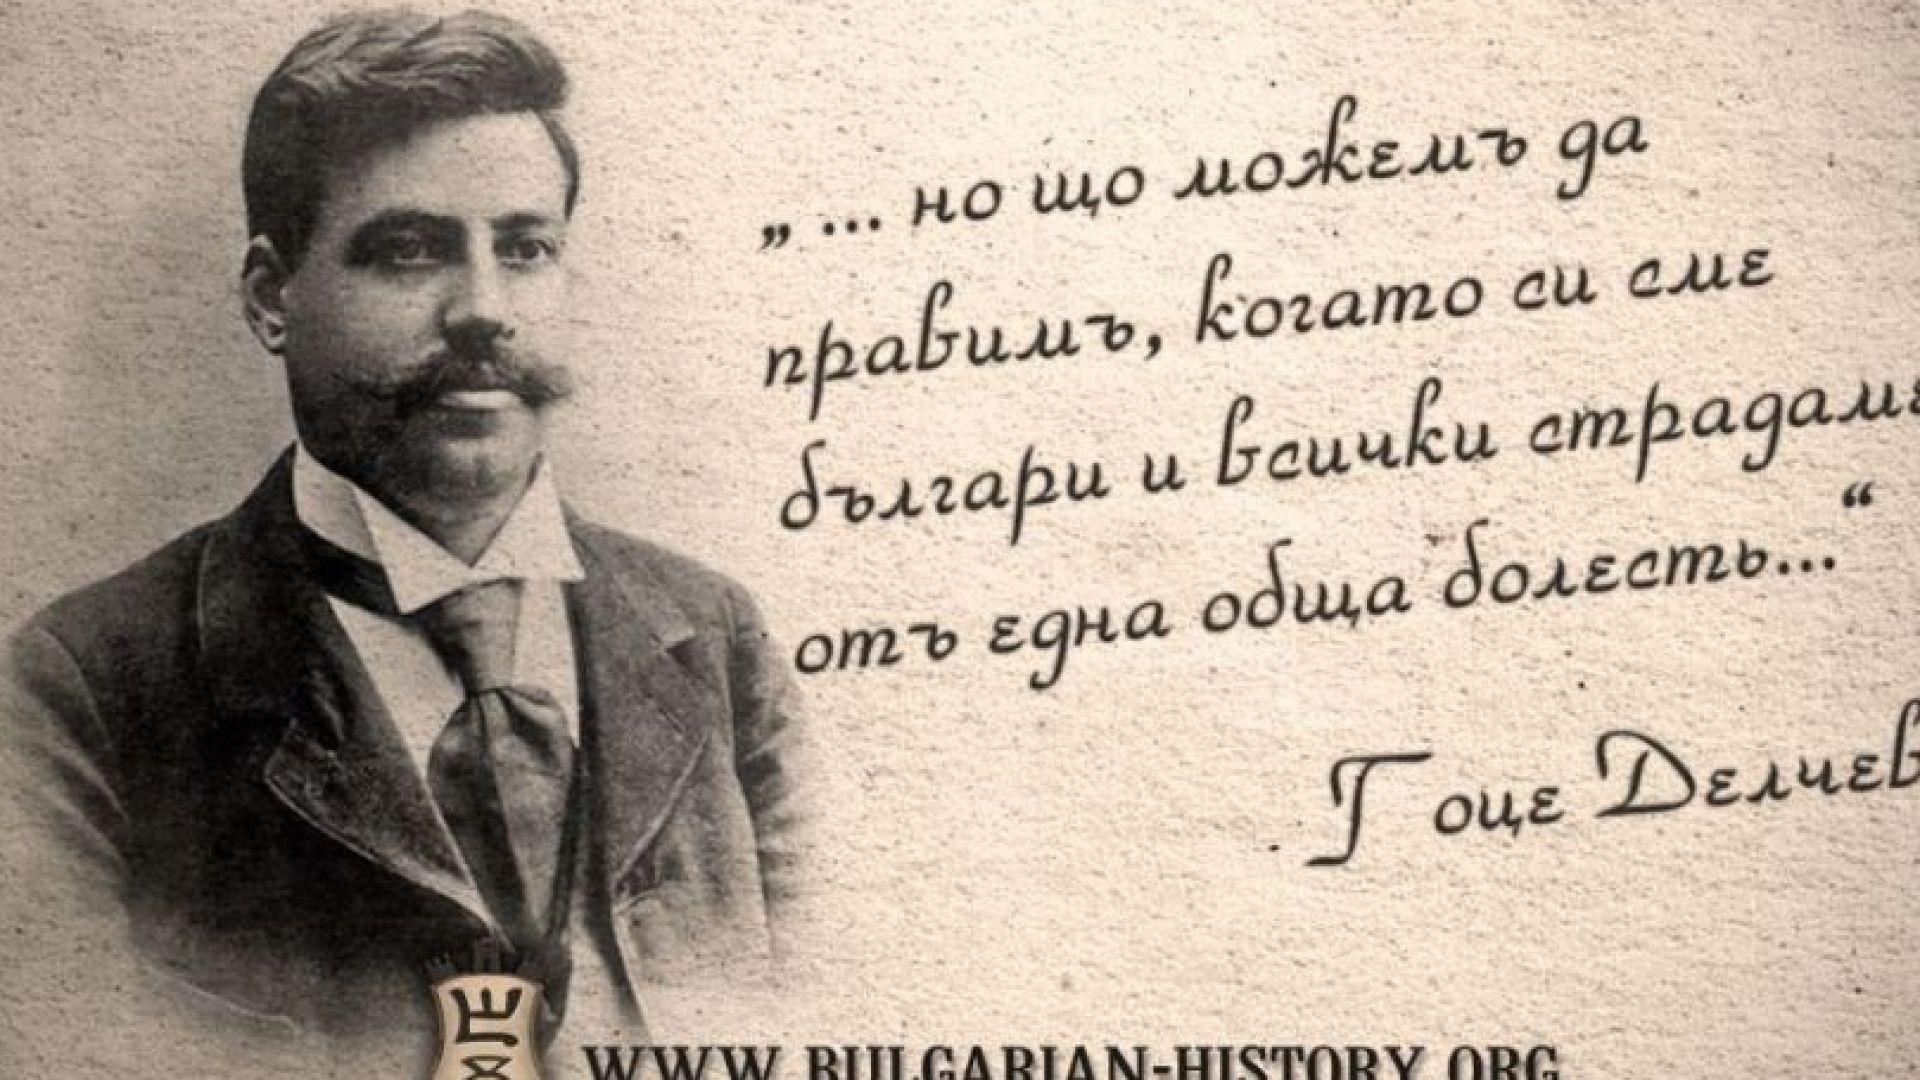 Честваме 147 г. от рождението на Гоце Делчев